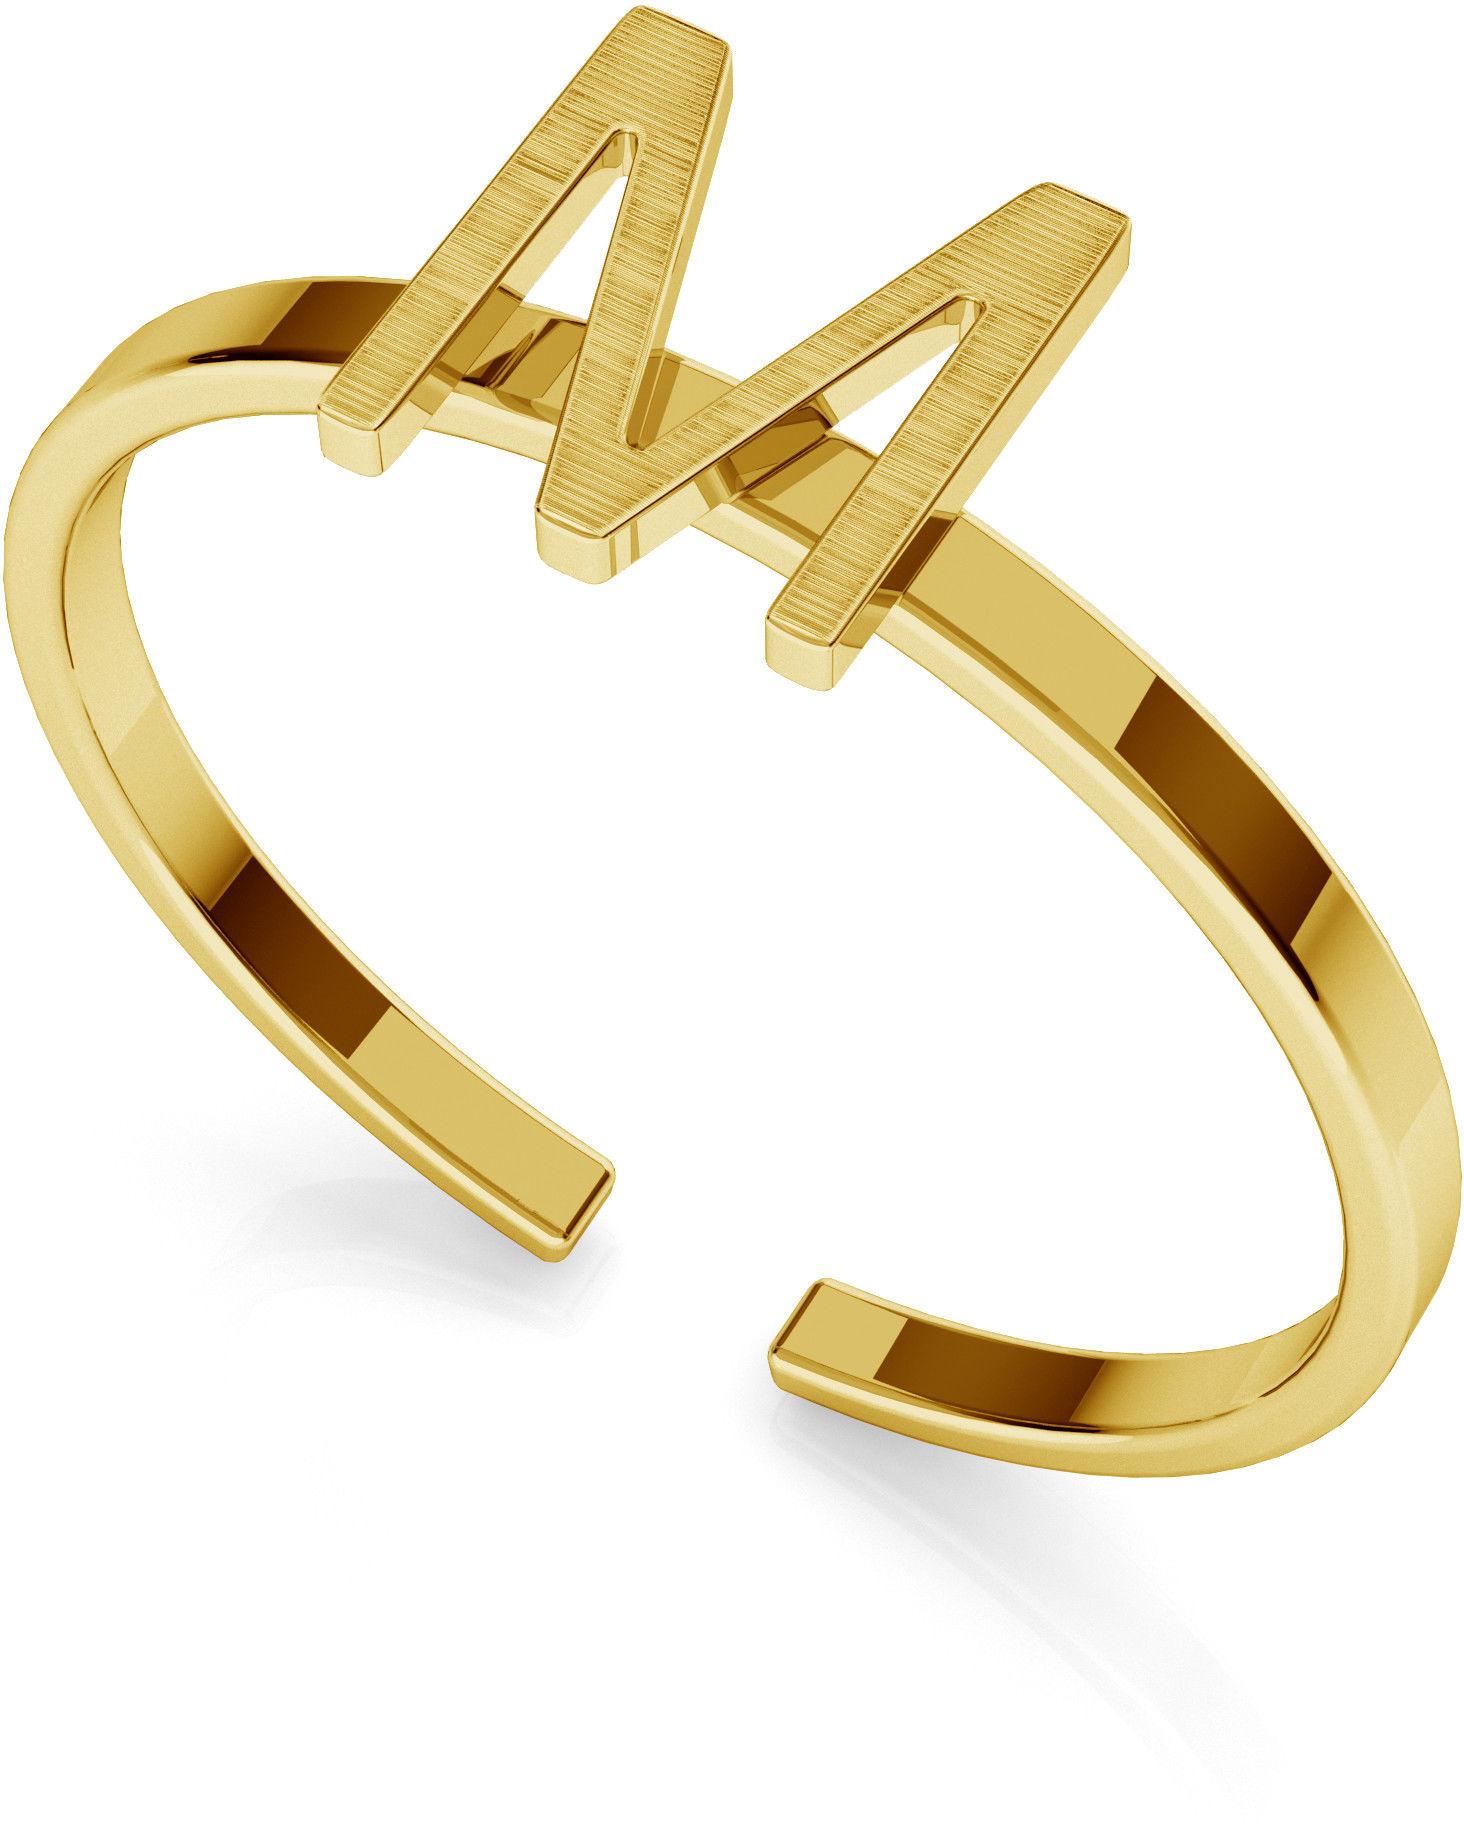 Srebrny pierścionek z literką My RING, srebro 925 : Litera - R, Srebro - kolor pokrycia - Pokrycie żółtym 18K złotem